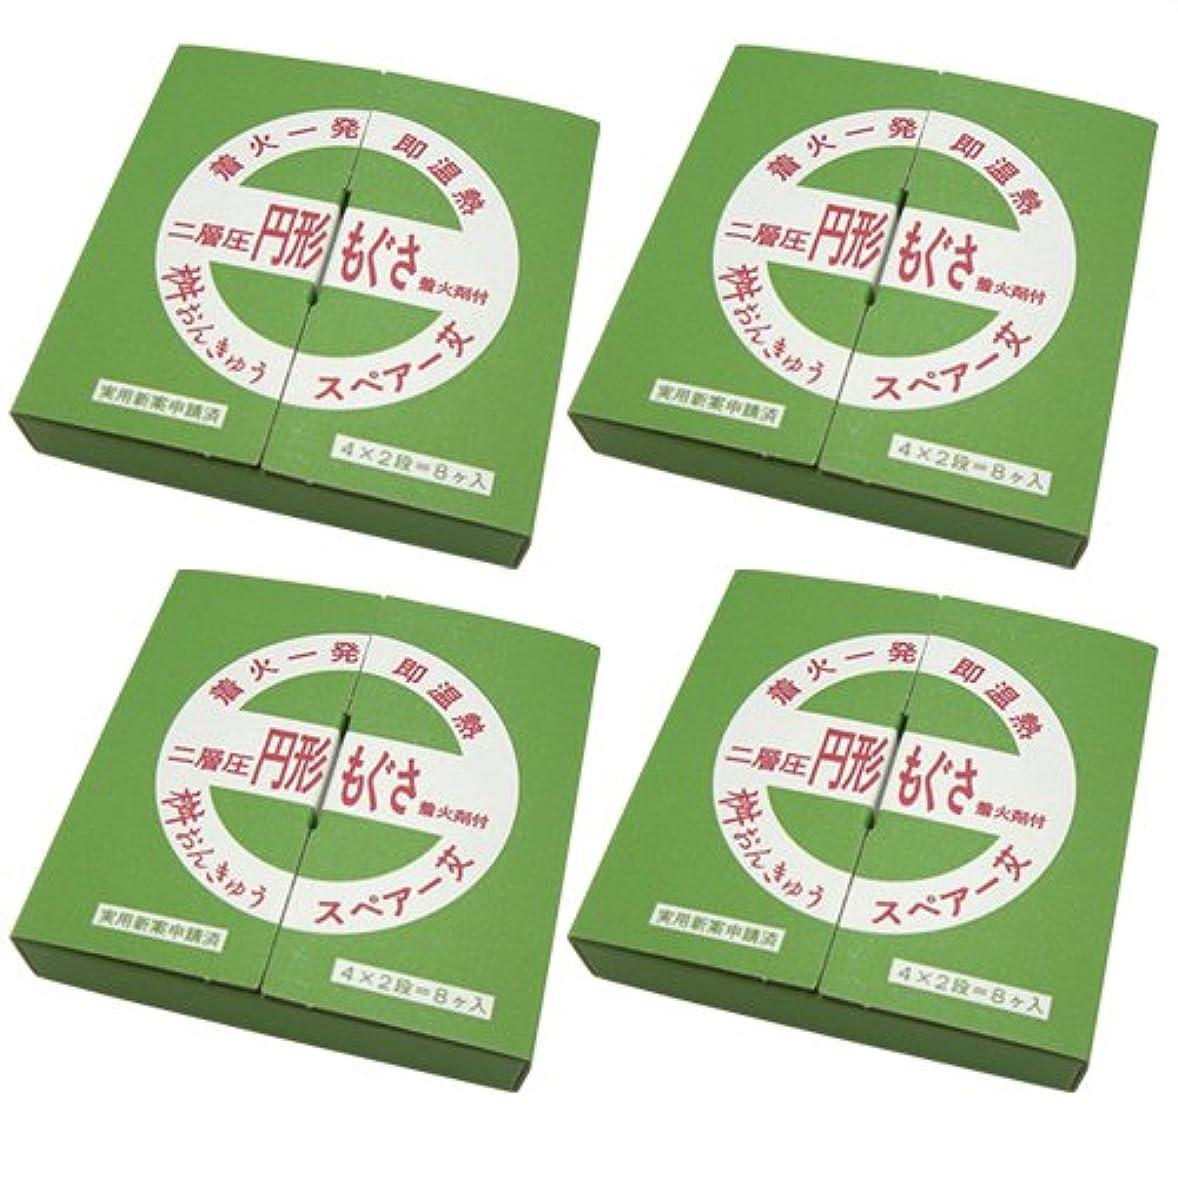 敬意を表して優越ブート桝おんきゅう用スペアもぐさ 二層圧 円形もぐさ (8ケ) ×4箱セット